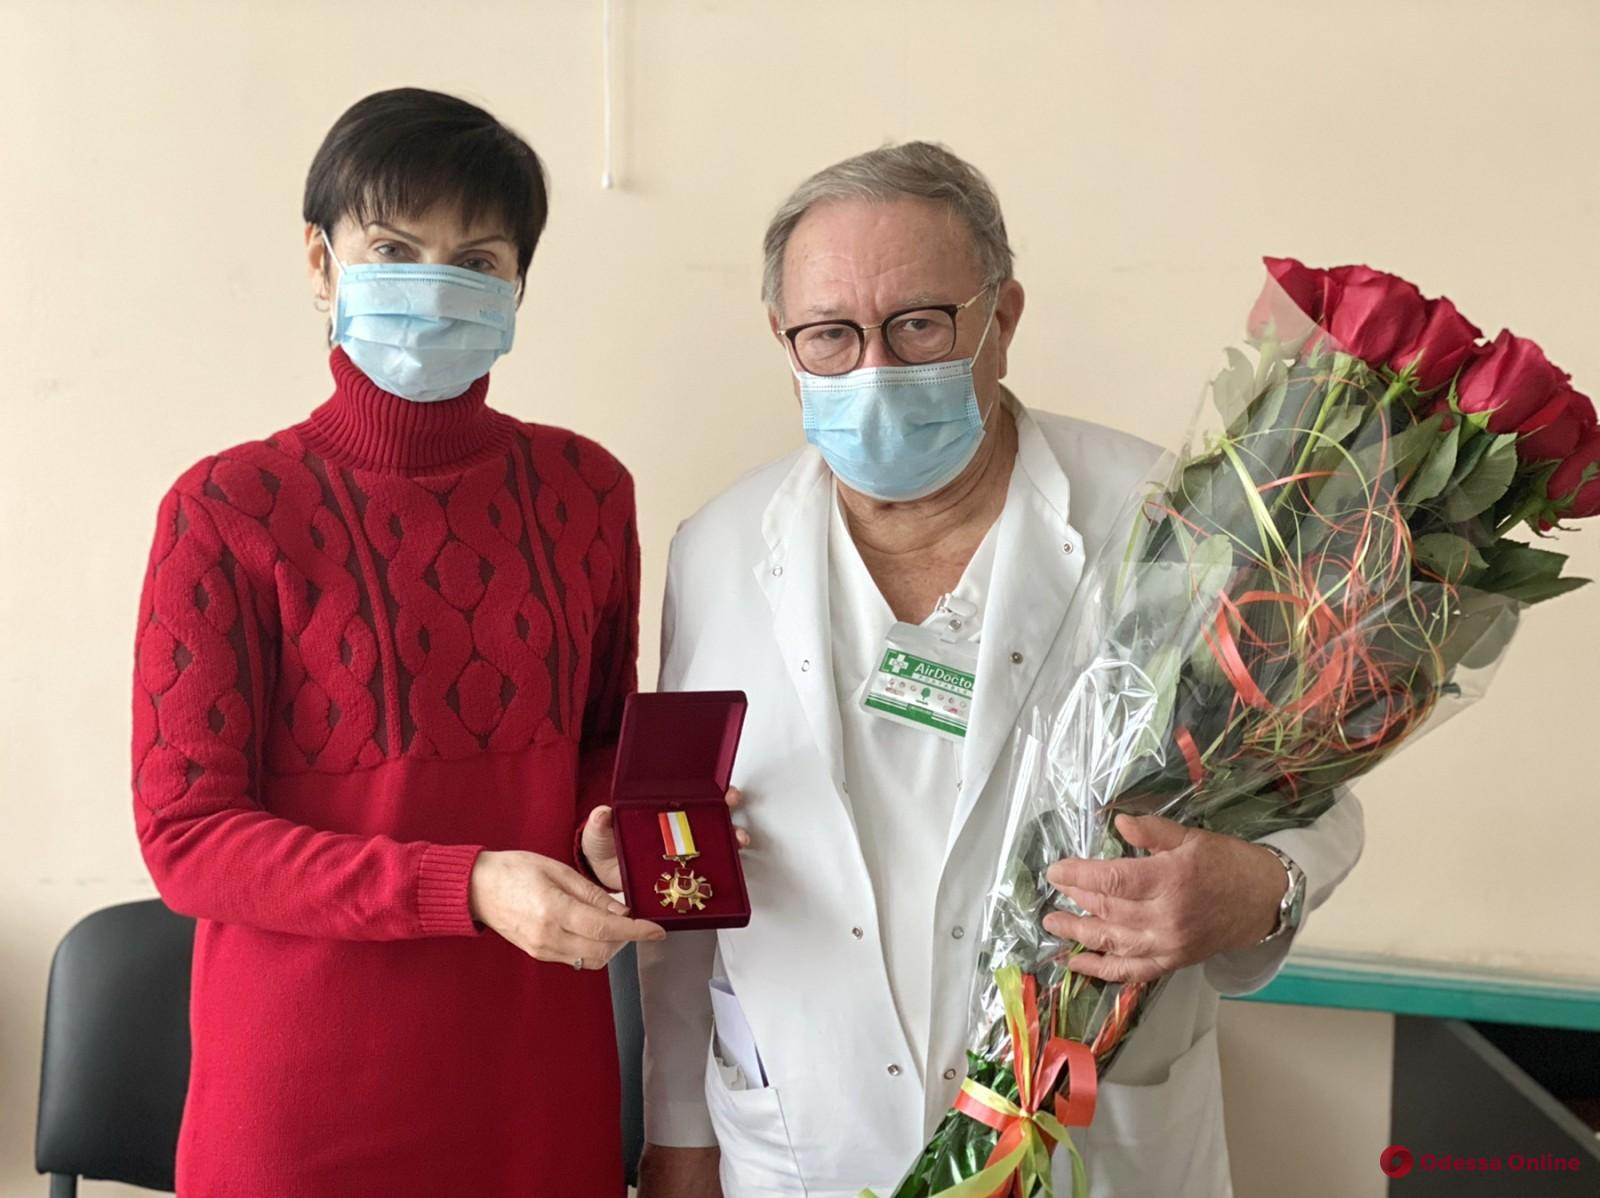 Одесский врач, работающий уже 62 года, получил награду от мэрии (фото)